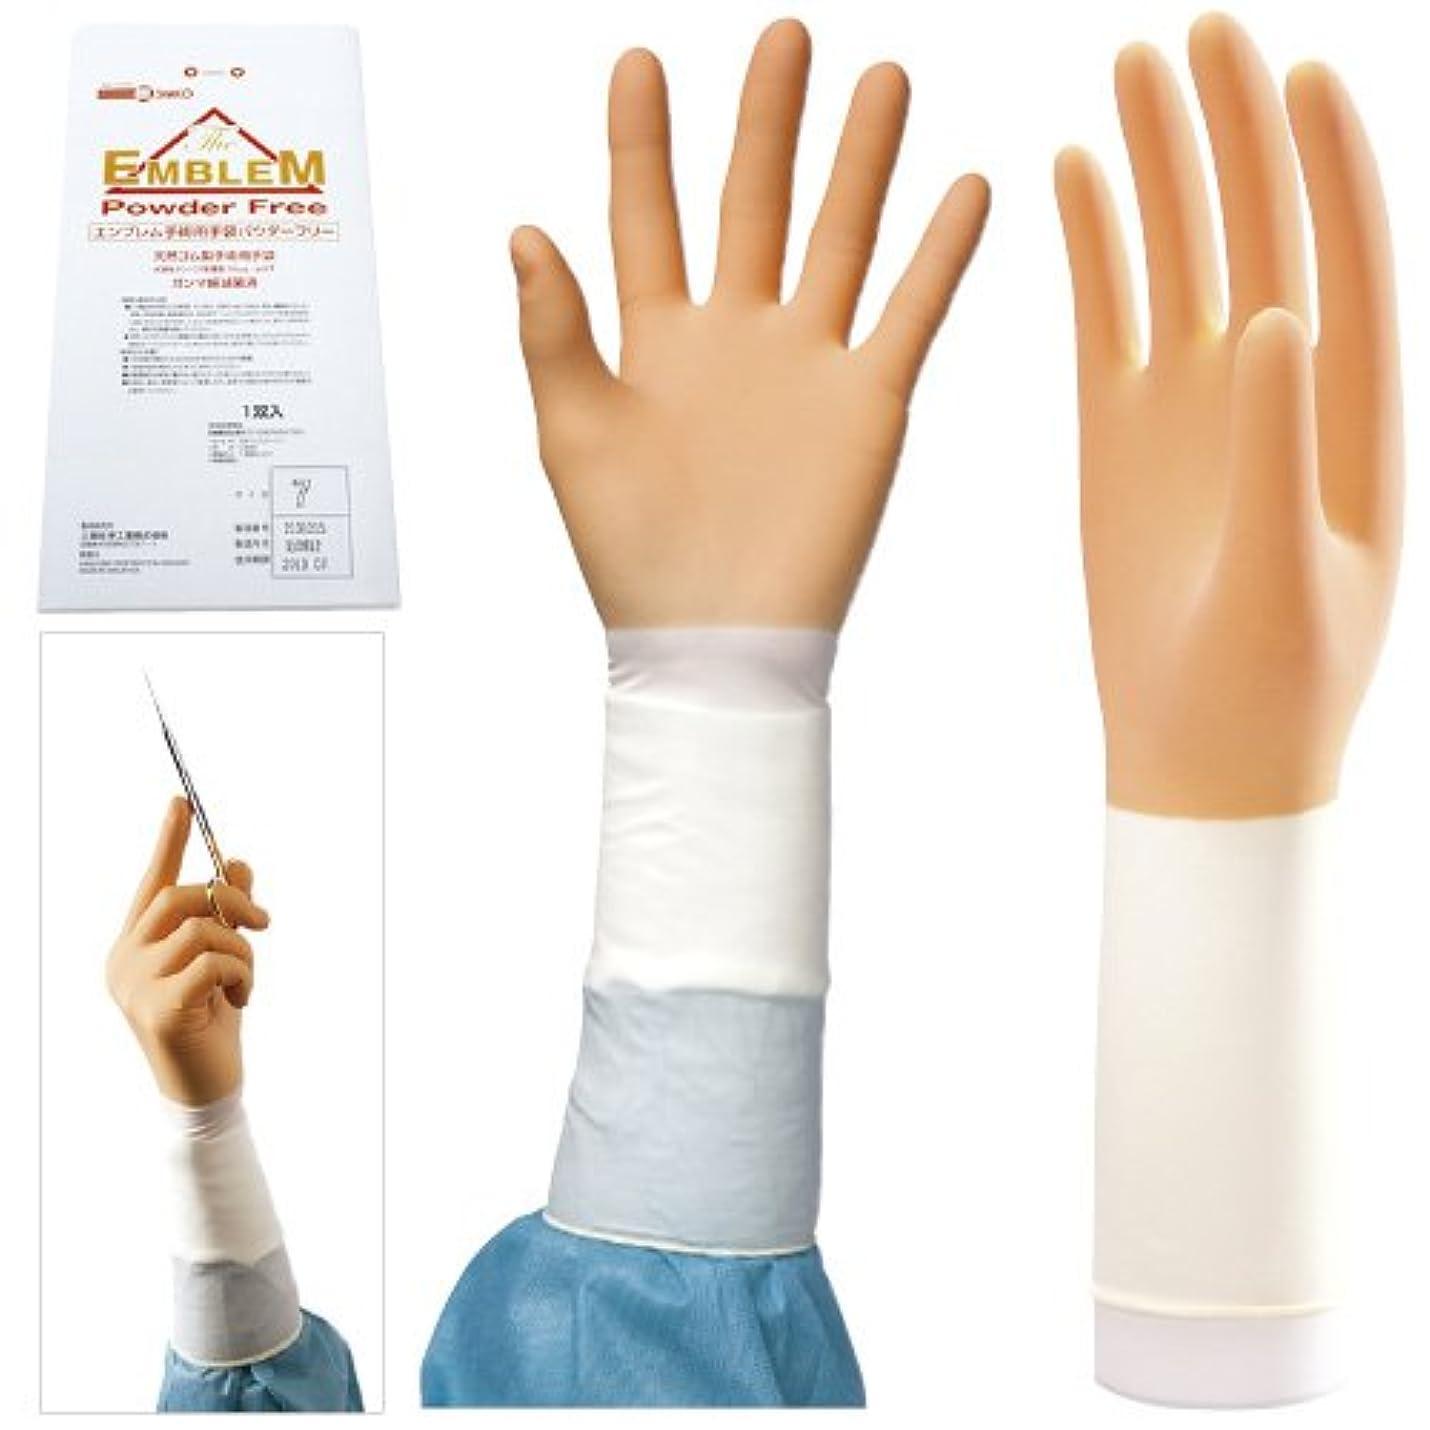 不測の事態ライフルリズムエンブレム手術用手袋 パウダーフリー NEW(20双入) 5.5